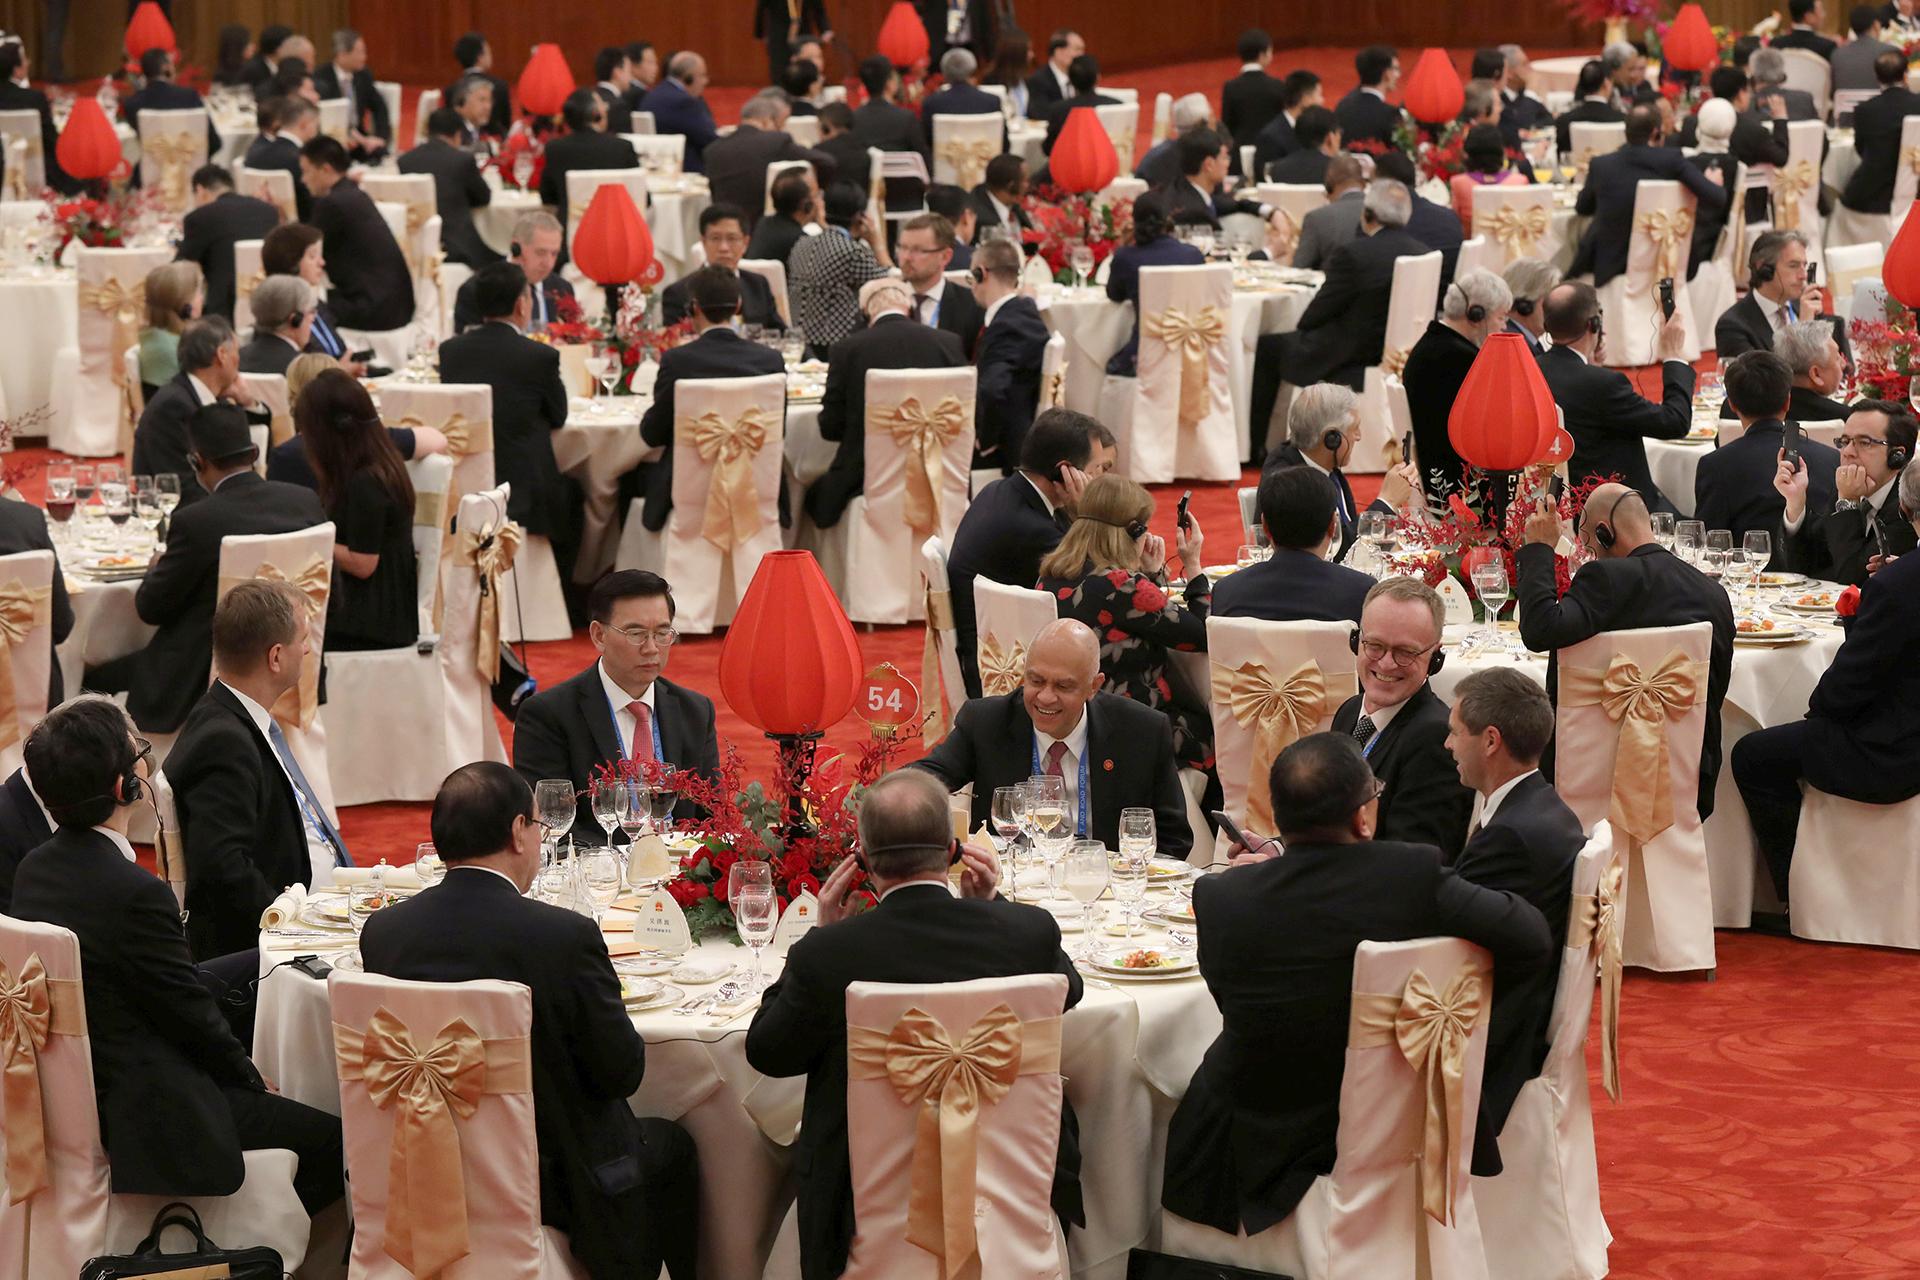 Los invitados participan del banquete